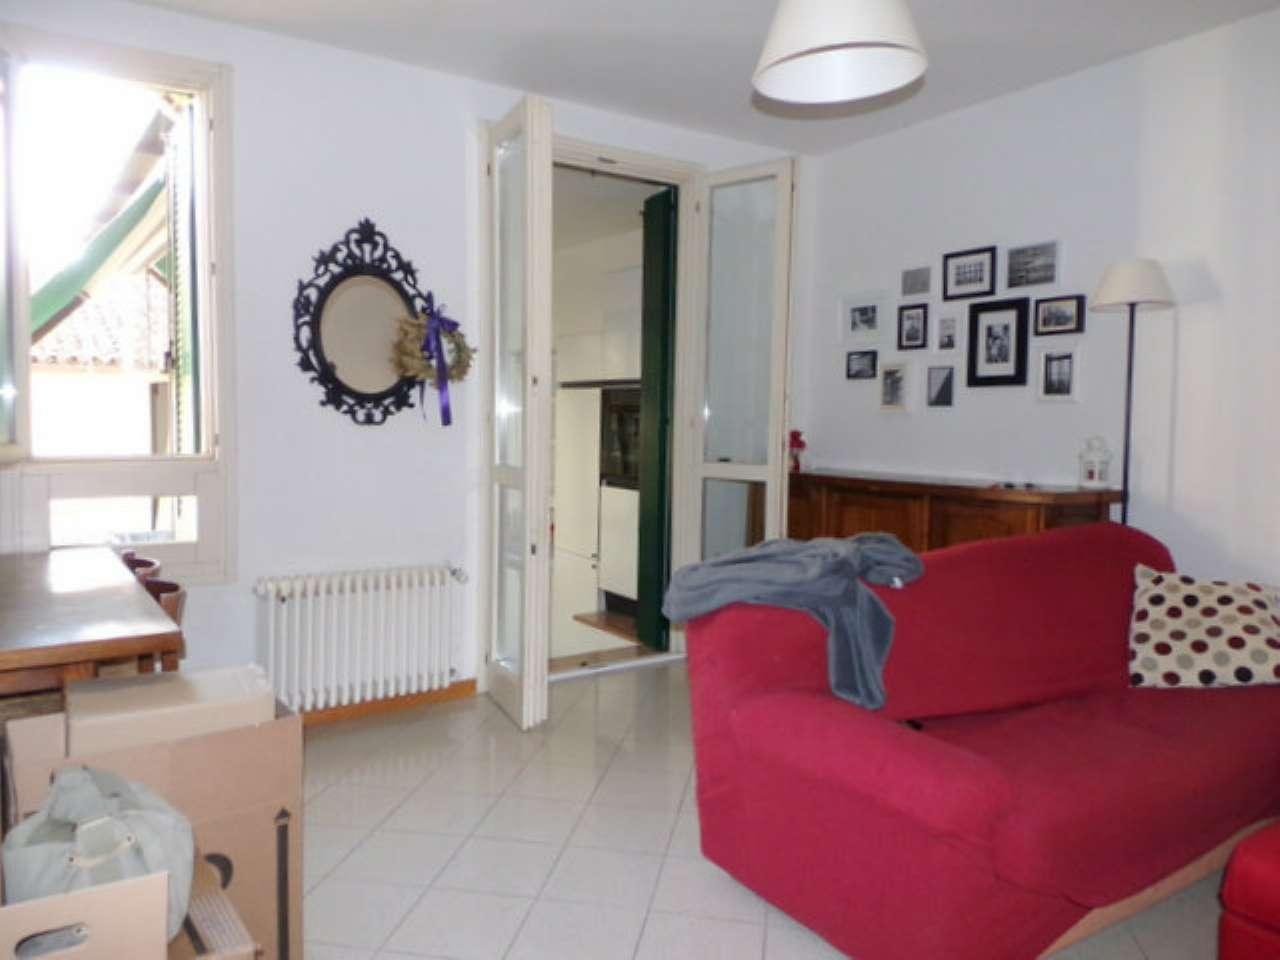 Appartamento in affitto a Forlì, 3 locali, prezzo € 480 | Cambio Casa.it